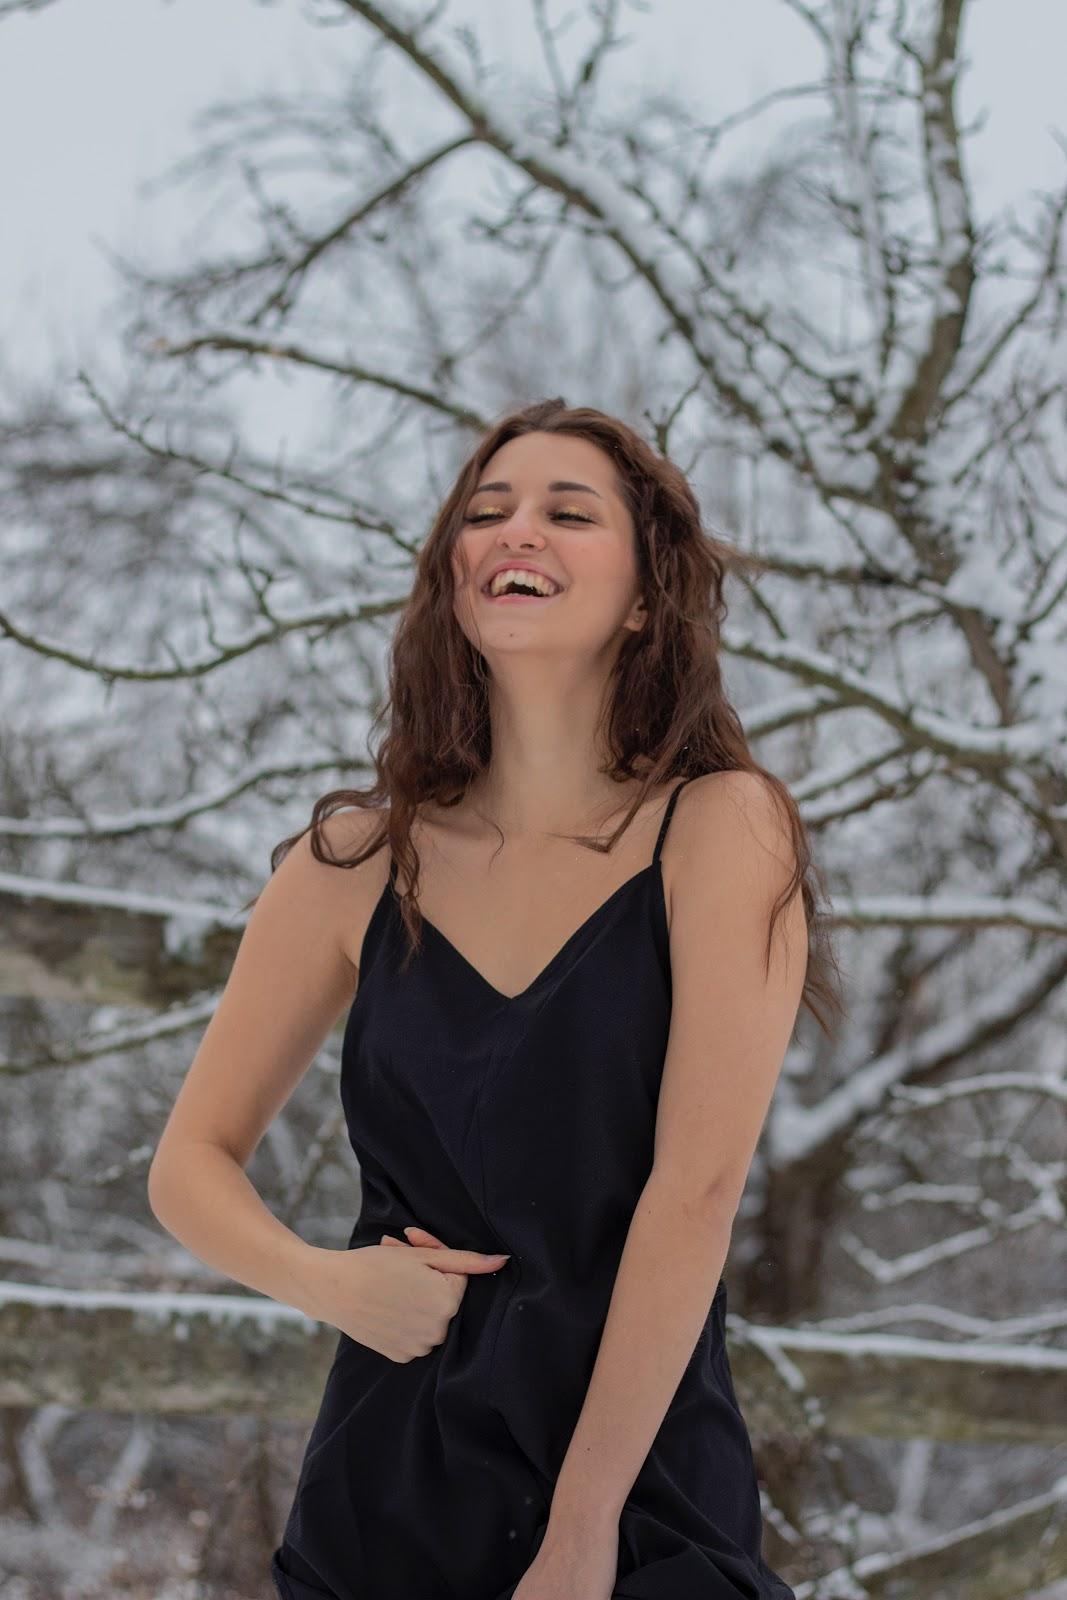 Emma Nowosielski